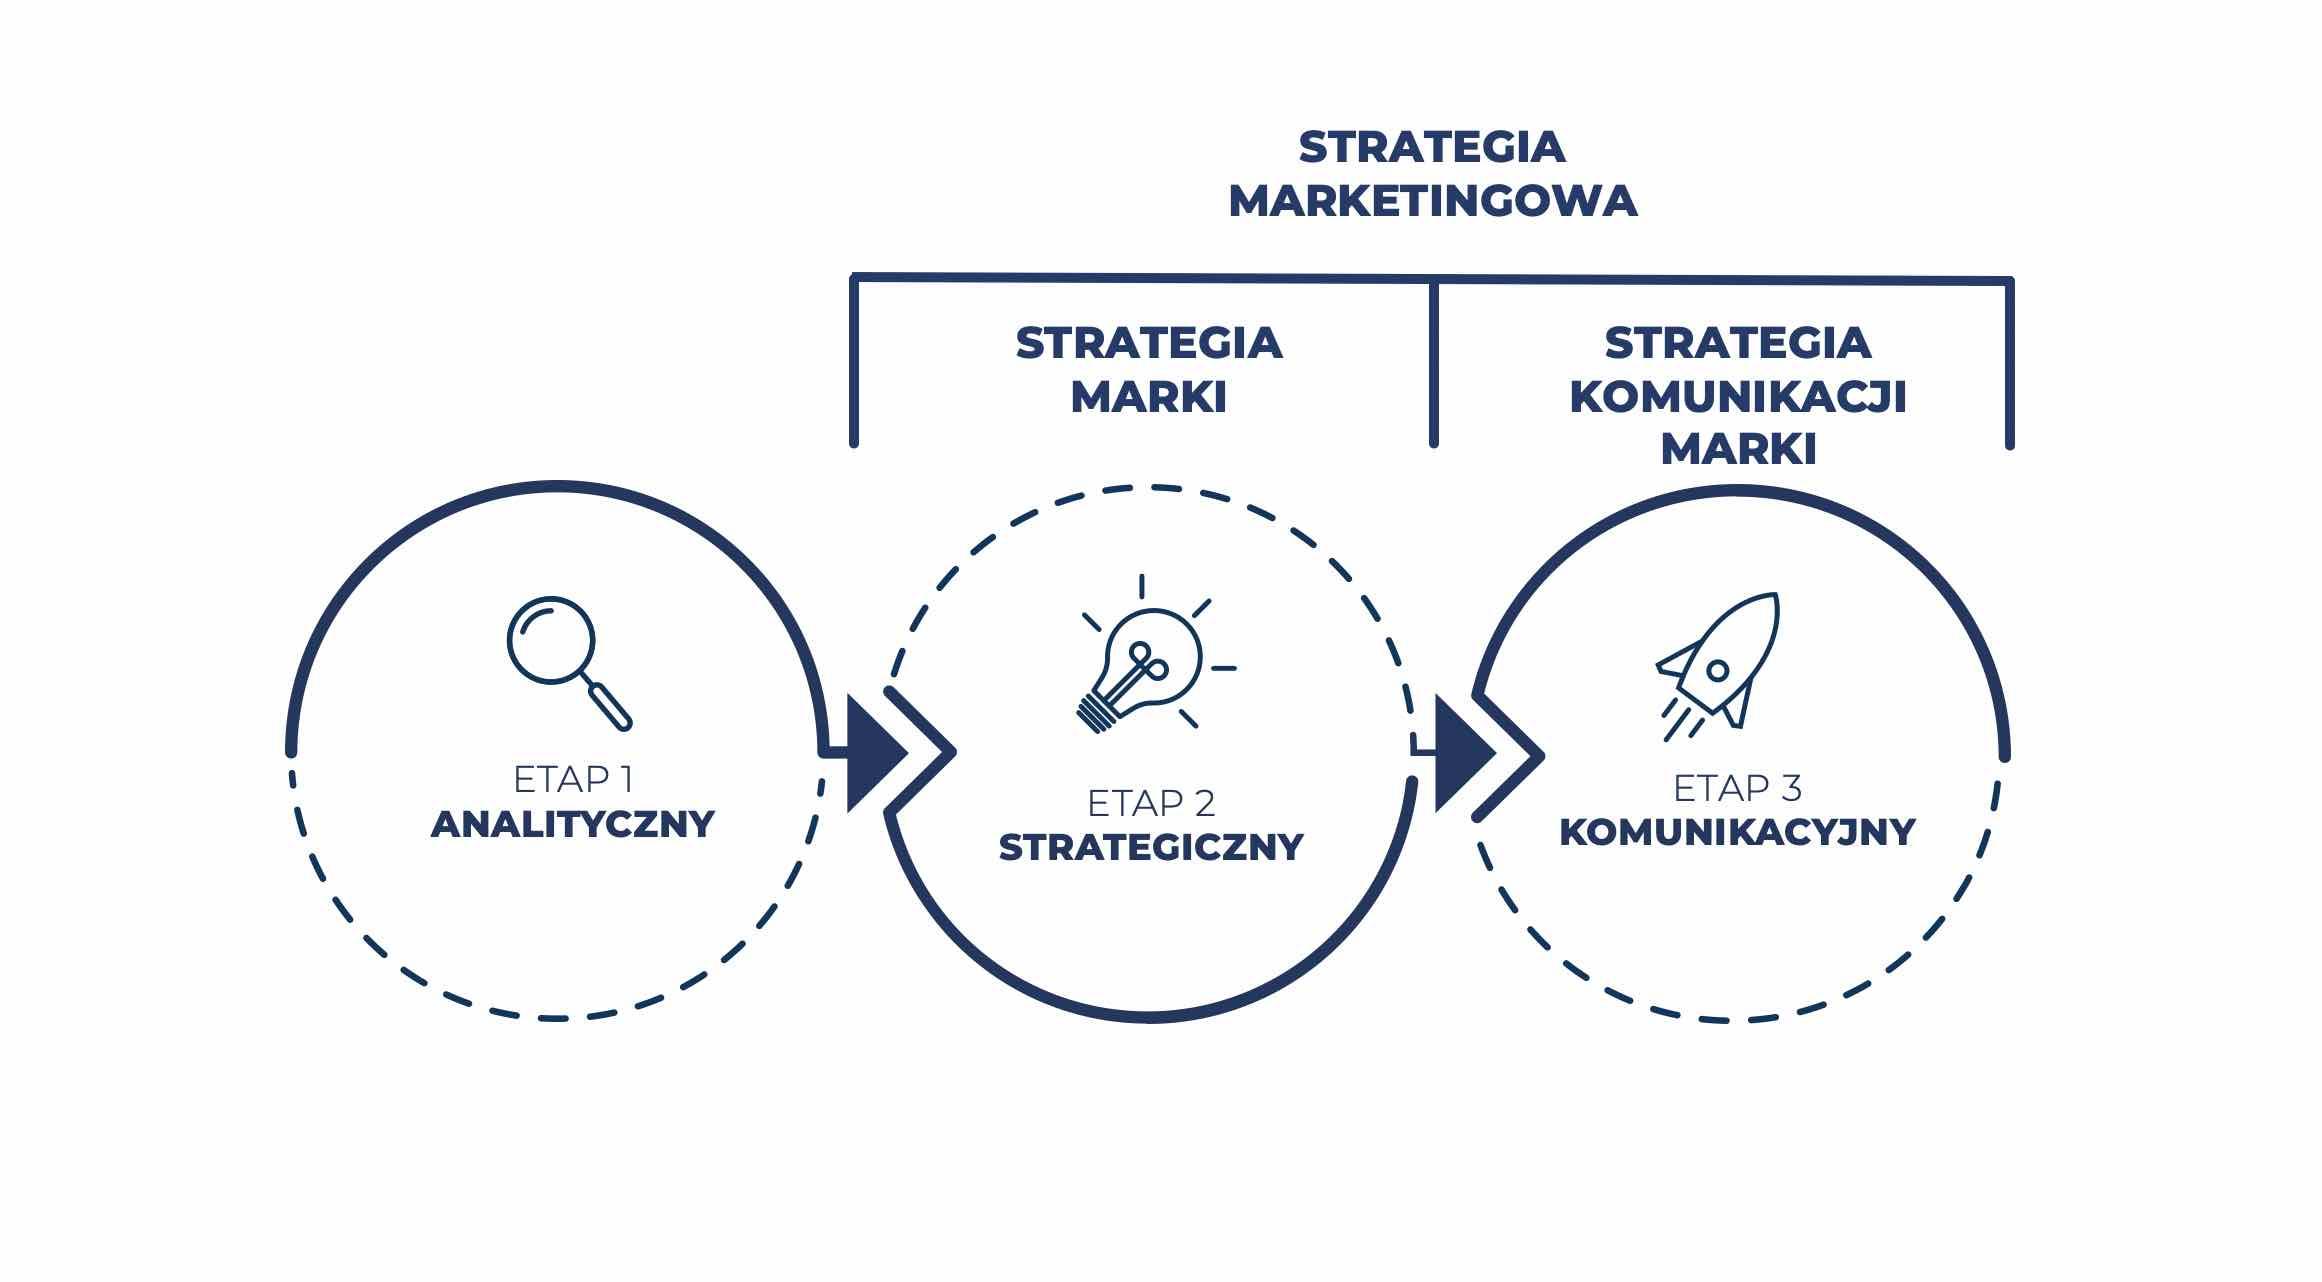 etapy strategiczne